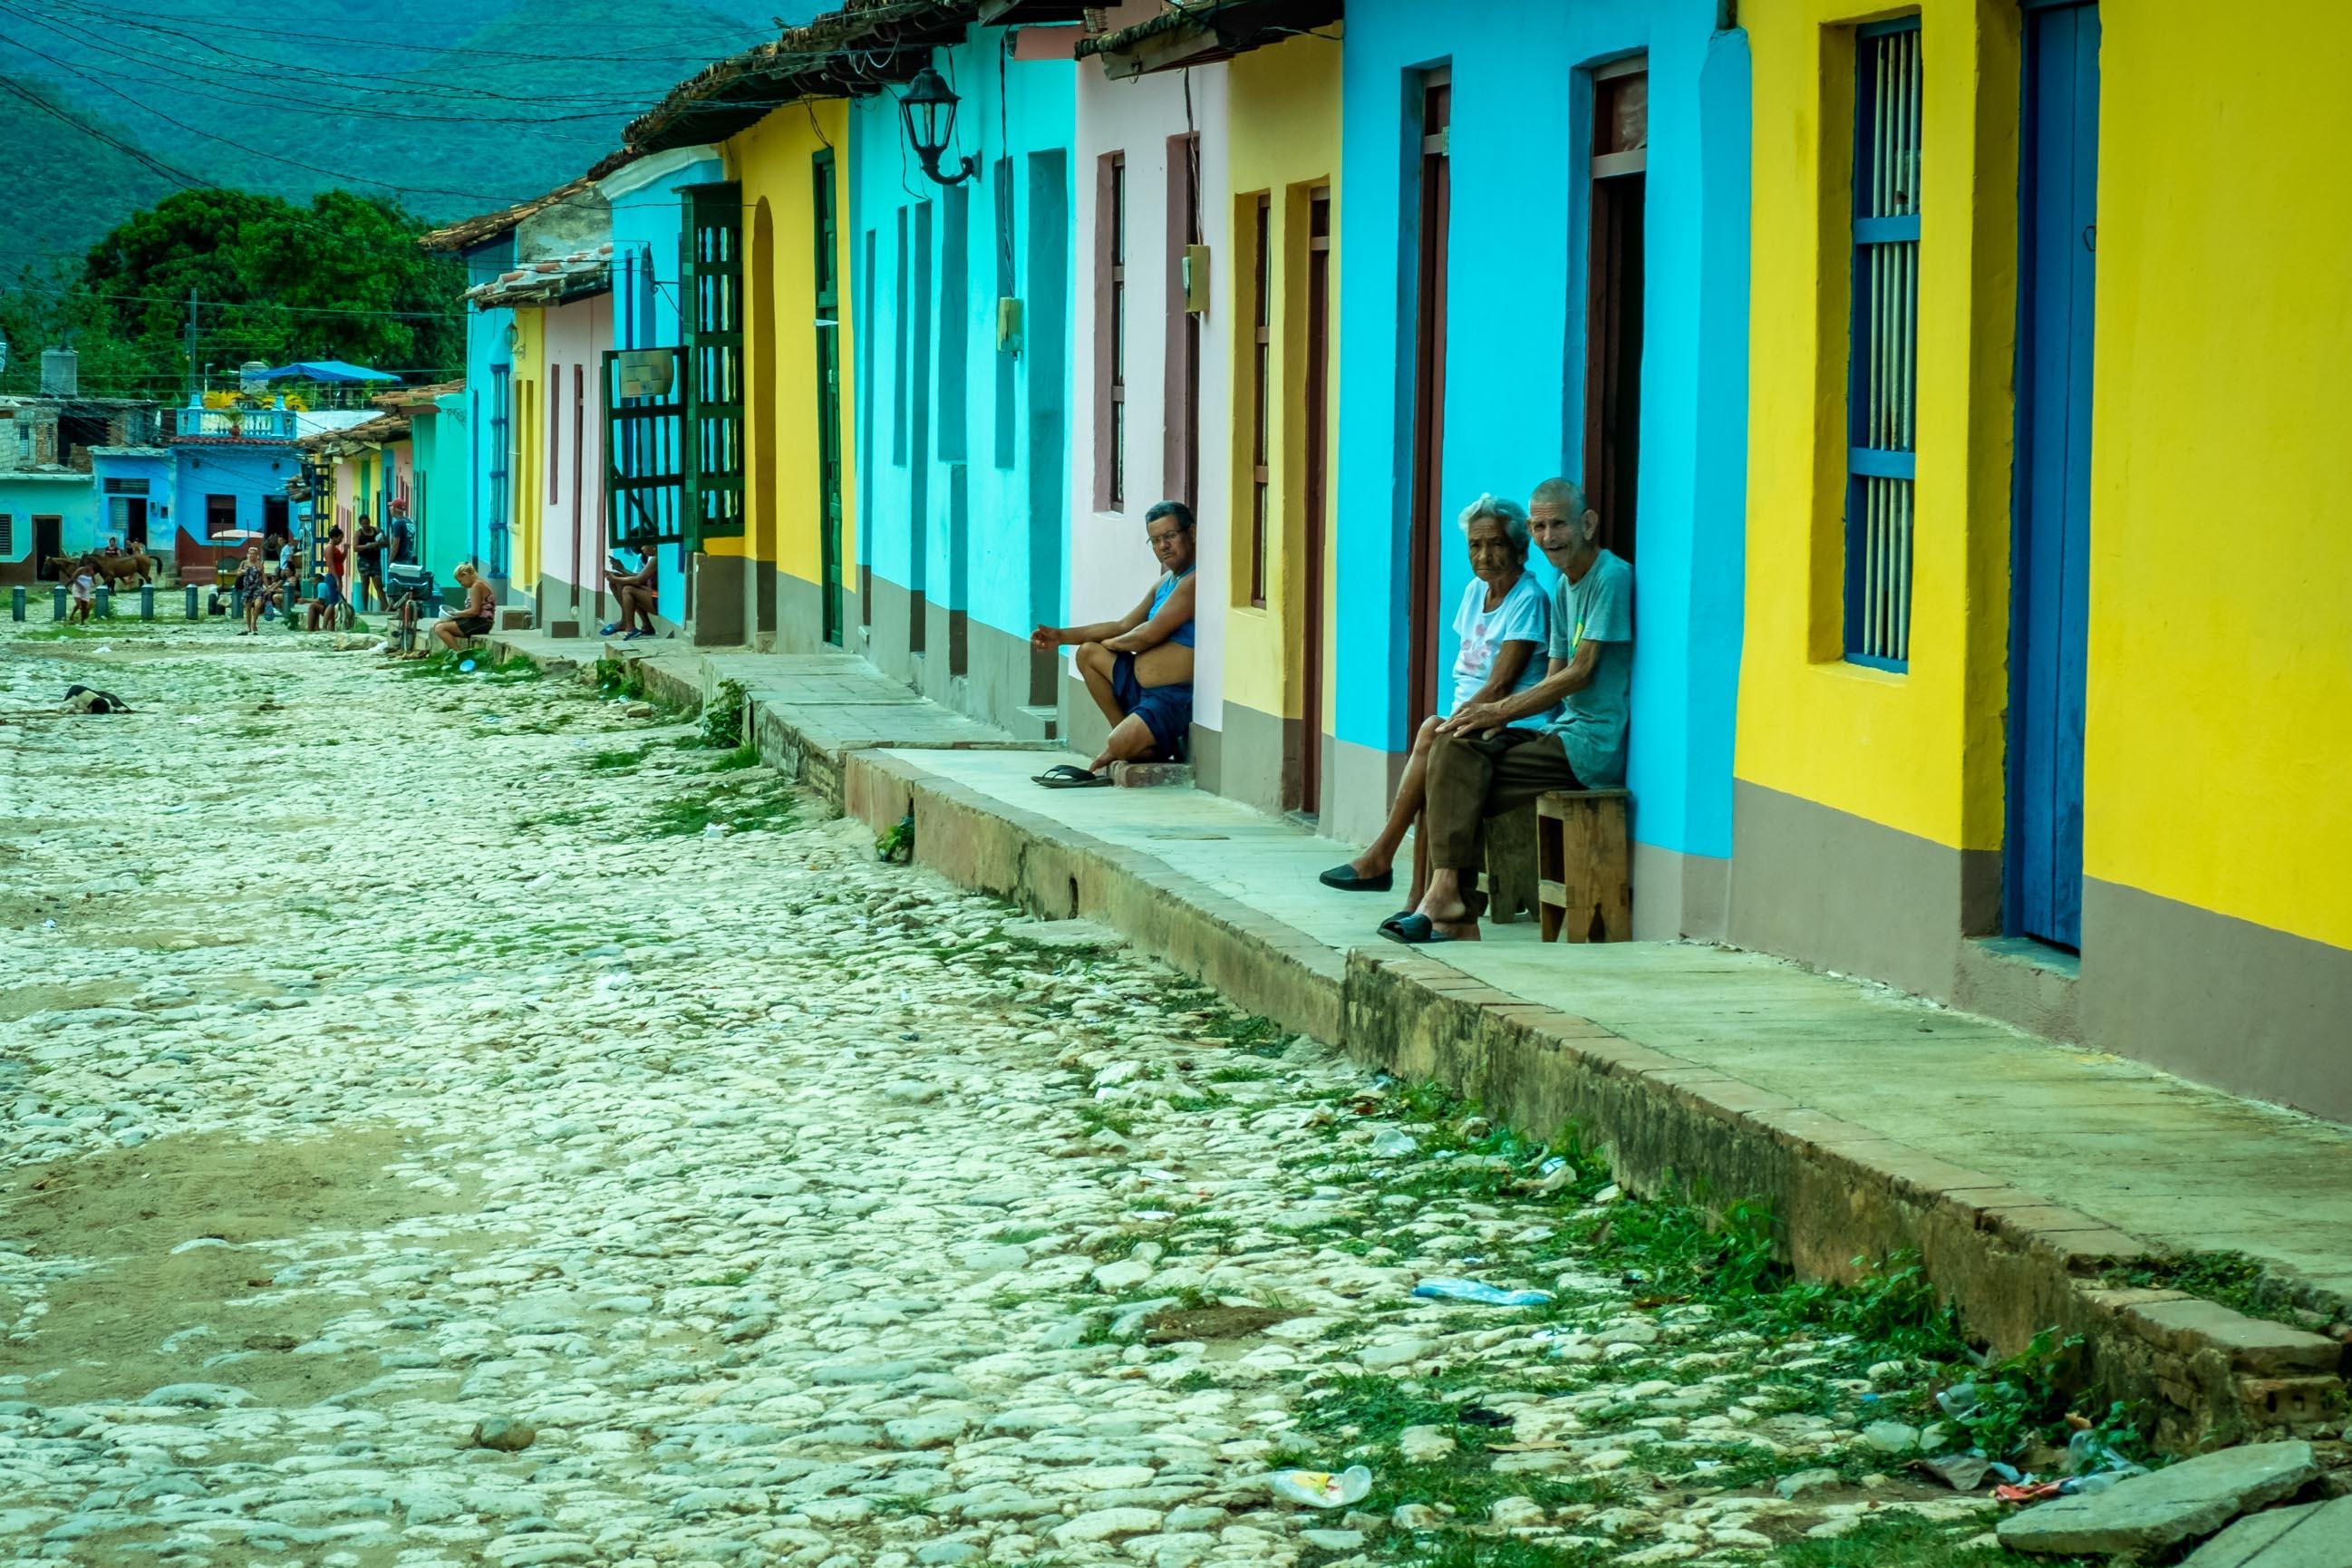 rue-trinidad